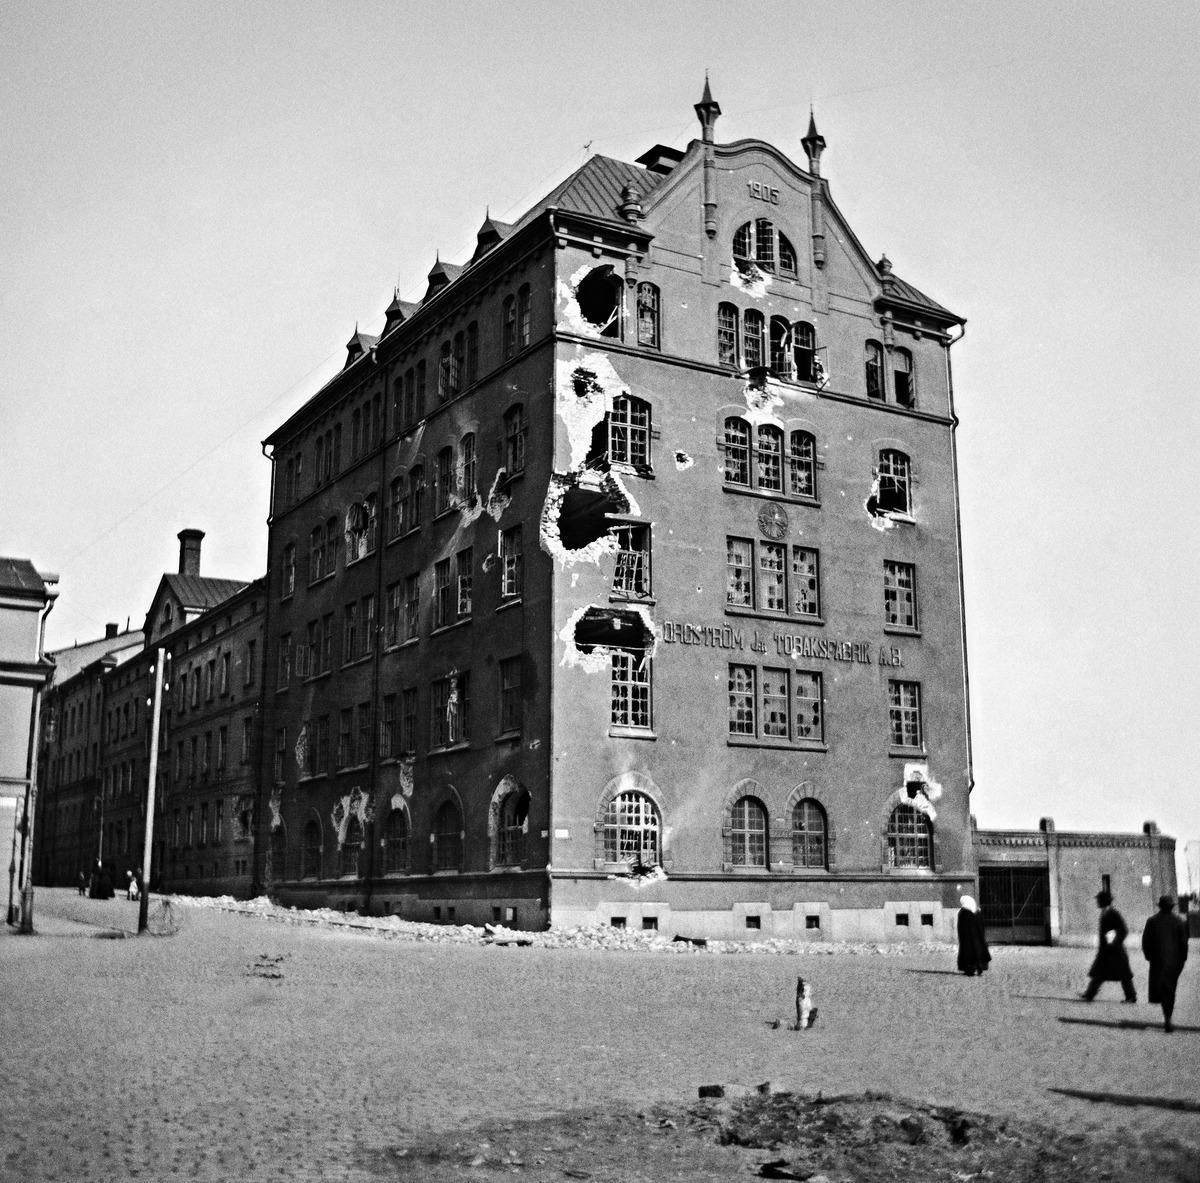 Borgströmin tupakkatehtaan tuhoja saksalaisten pommituksen jälkeen huhtikuussa 1918.